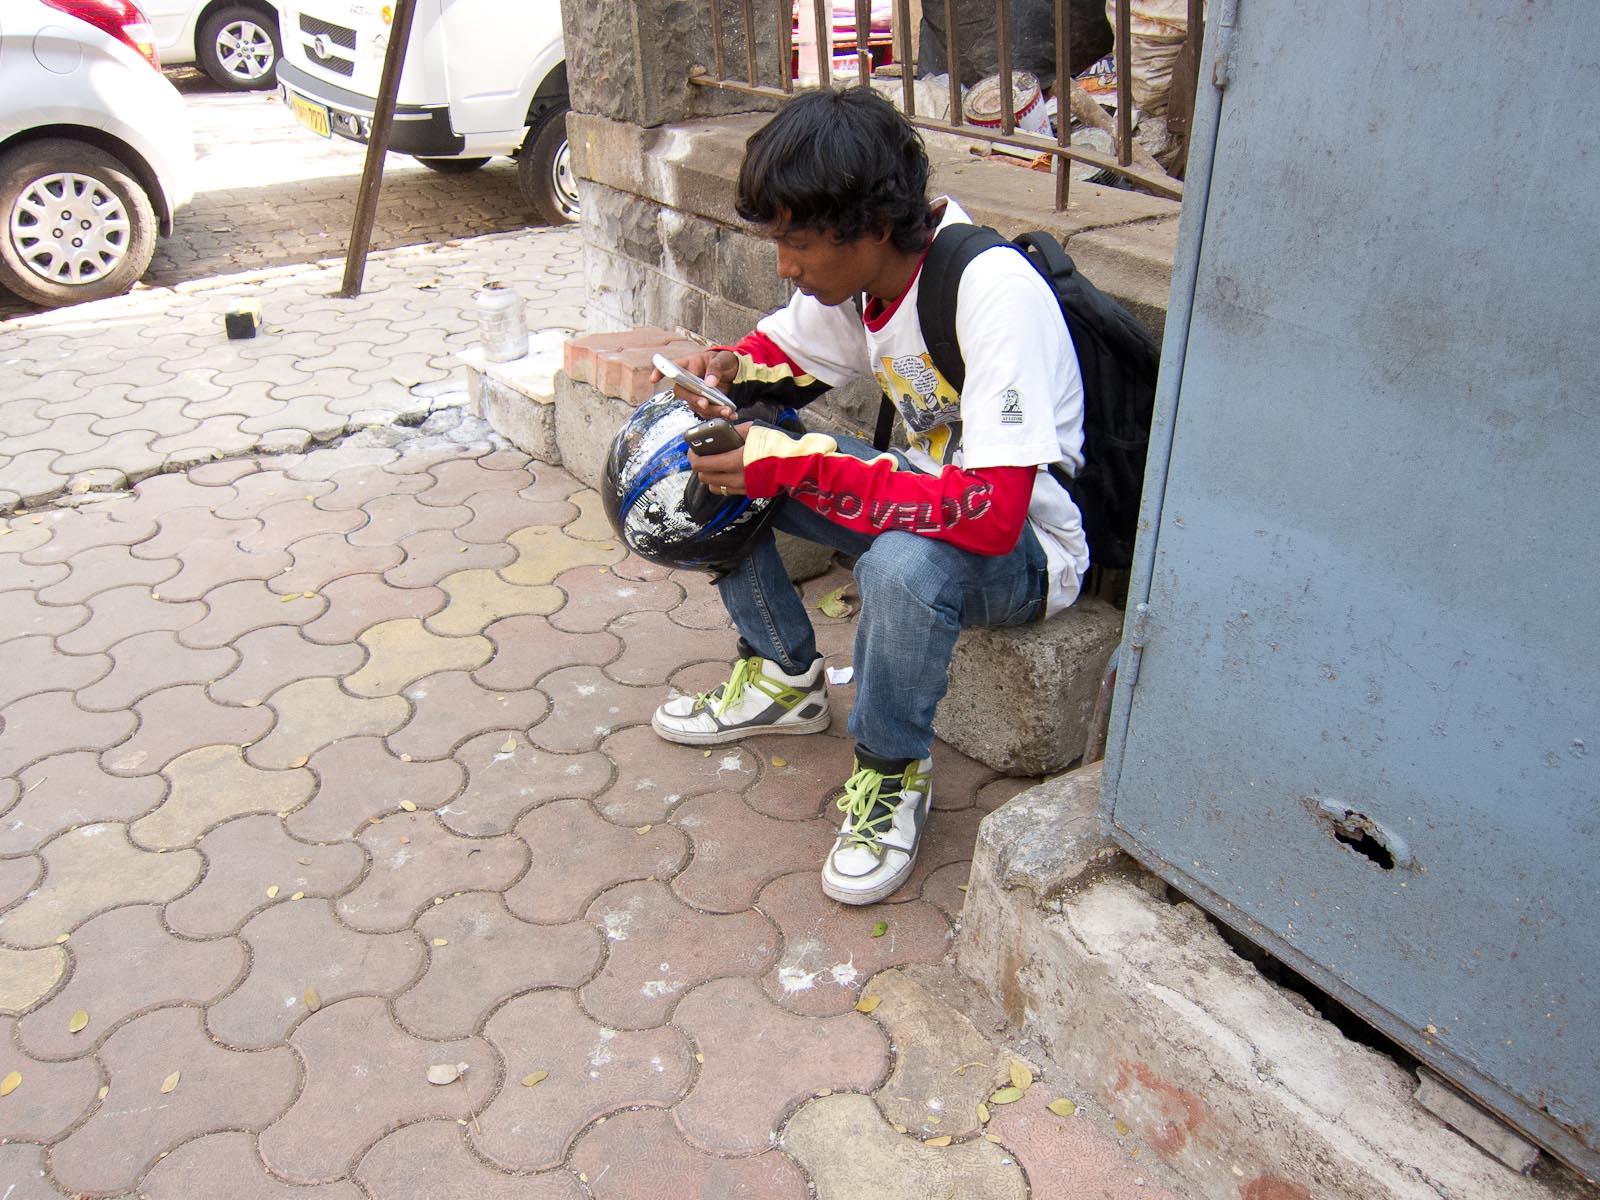 030212_mumbai_118